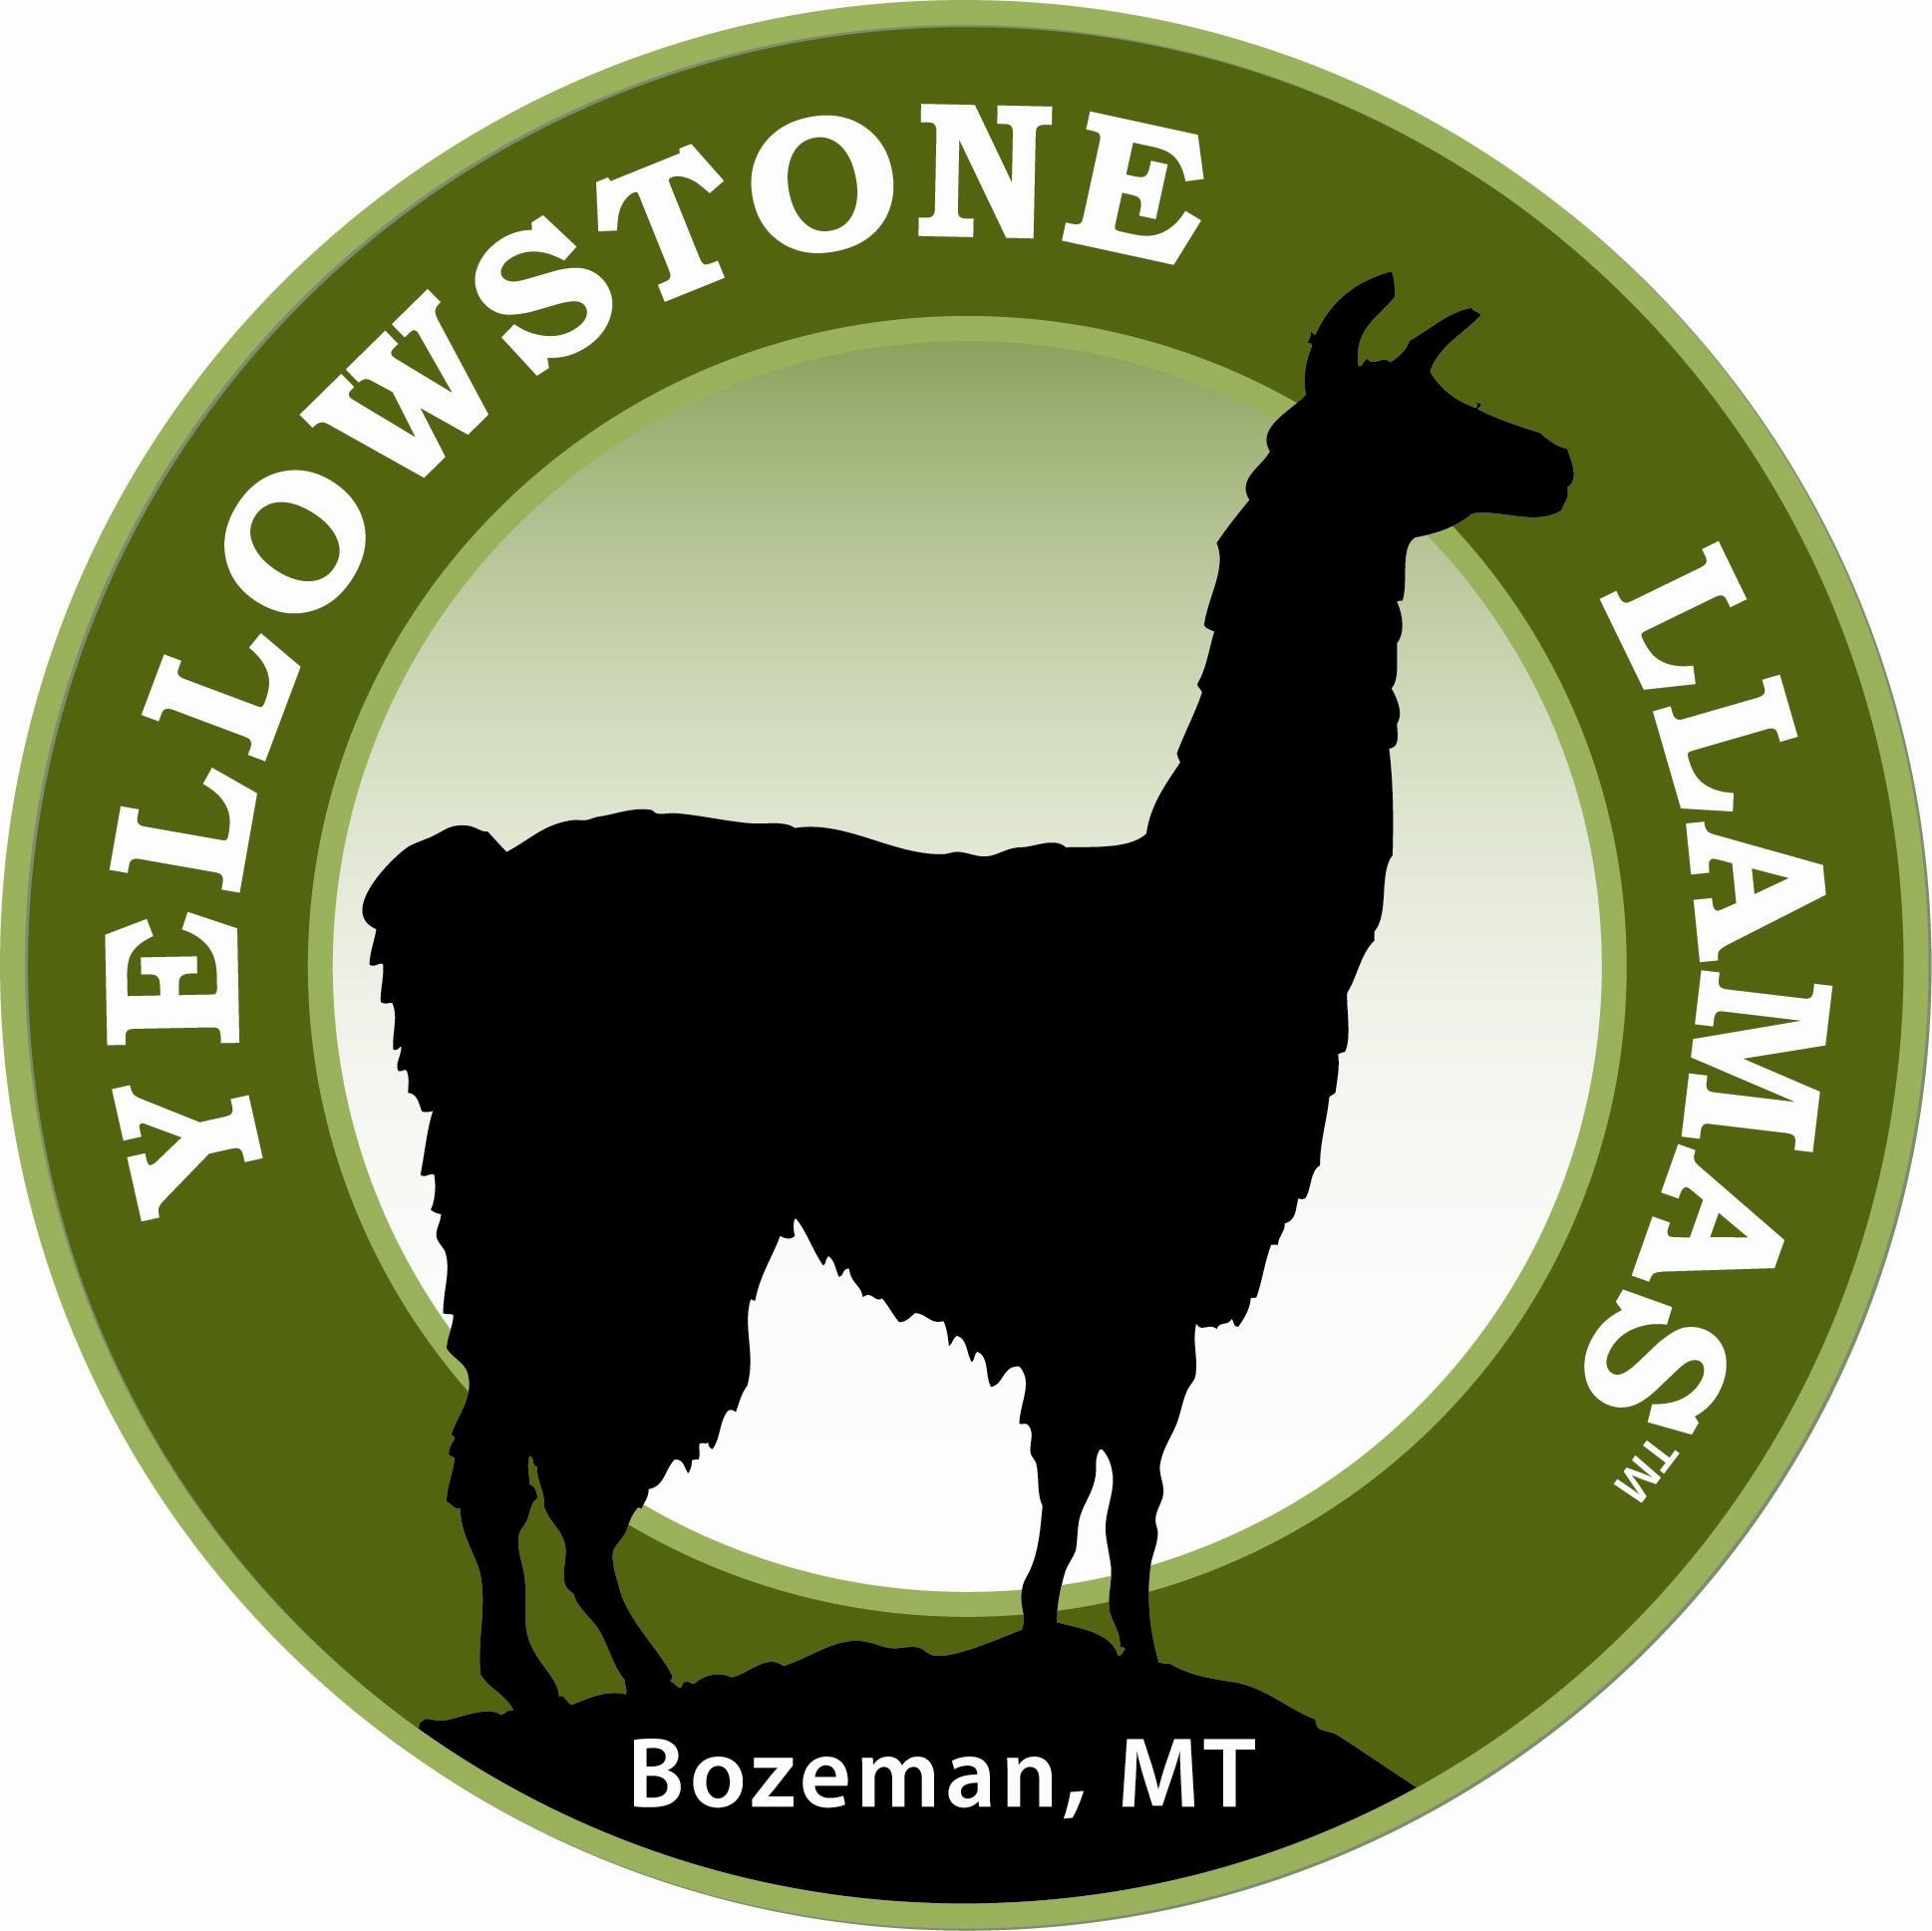 Yellowstone clipart wildlife biologist Image! Montana Gardiner image! Yellowstone